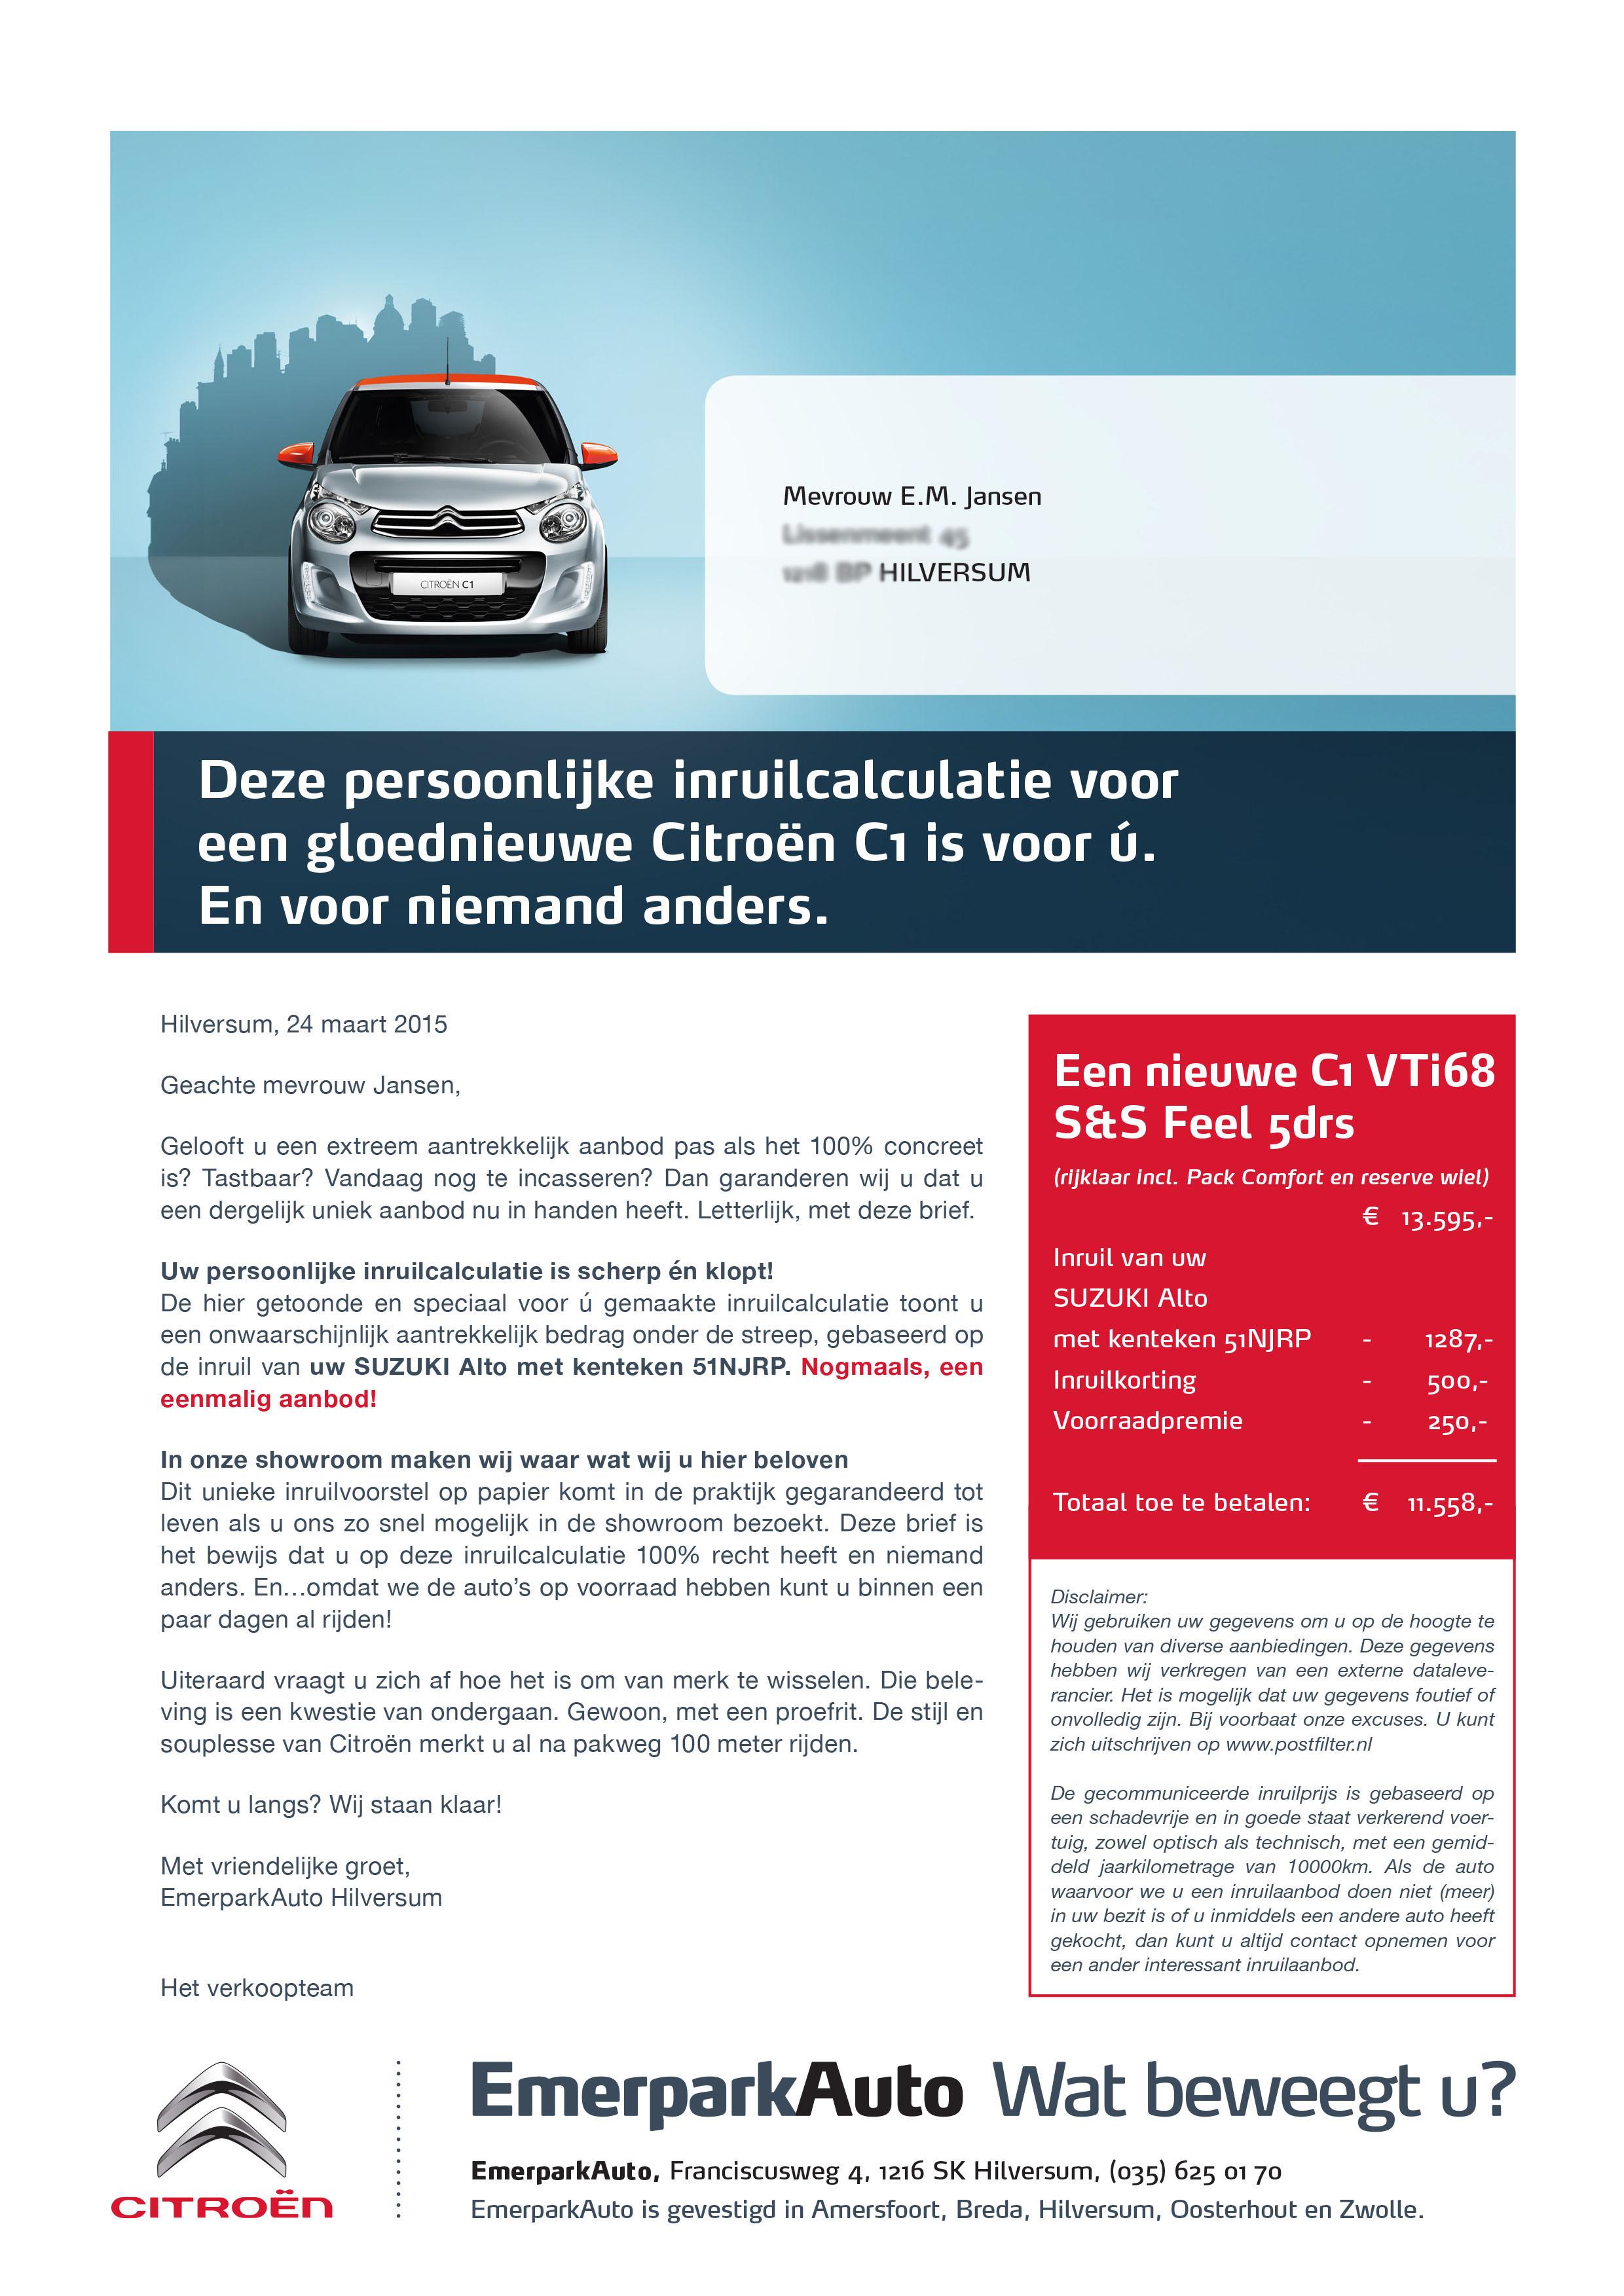 017 EmerparkAuto - Mailing C1_hilversum_A4-1